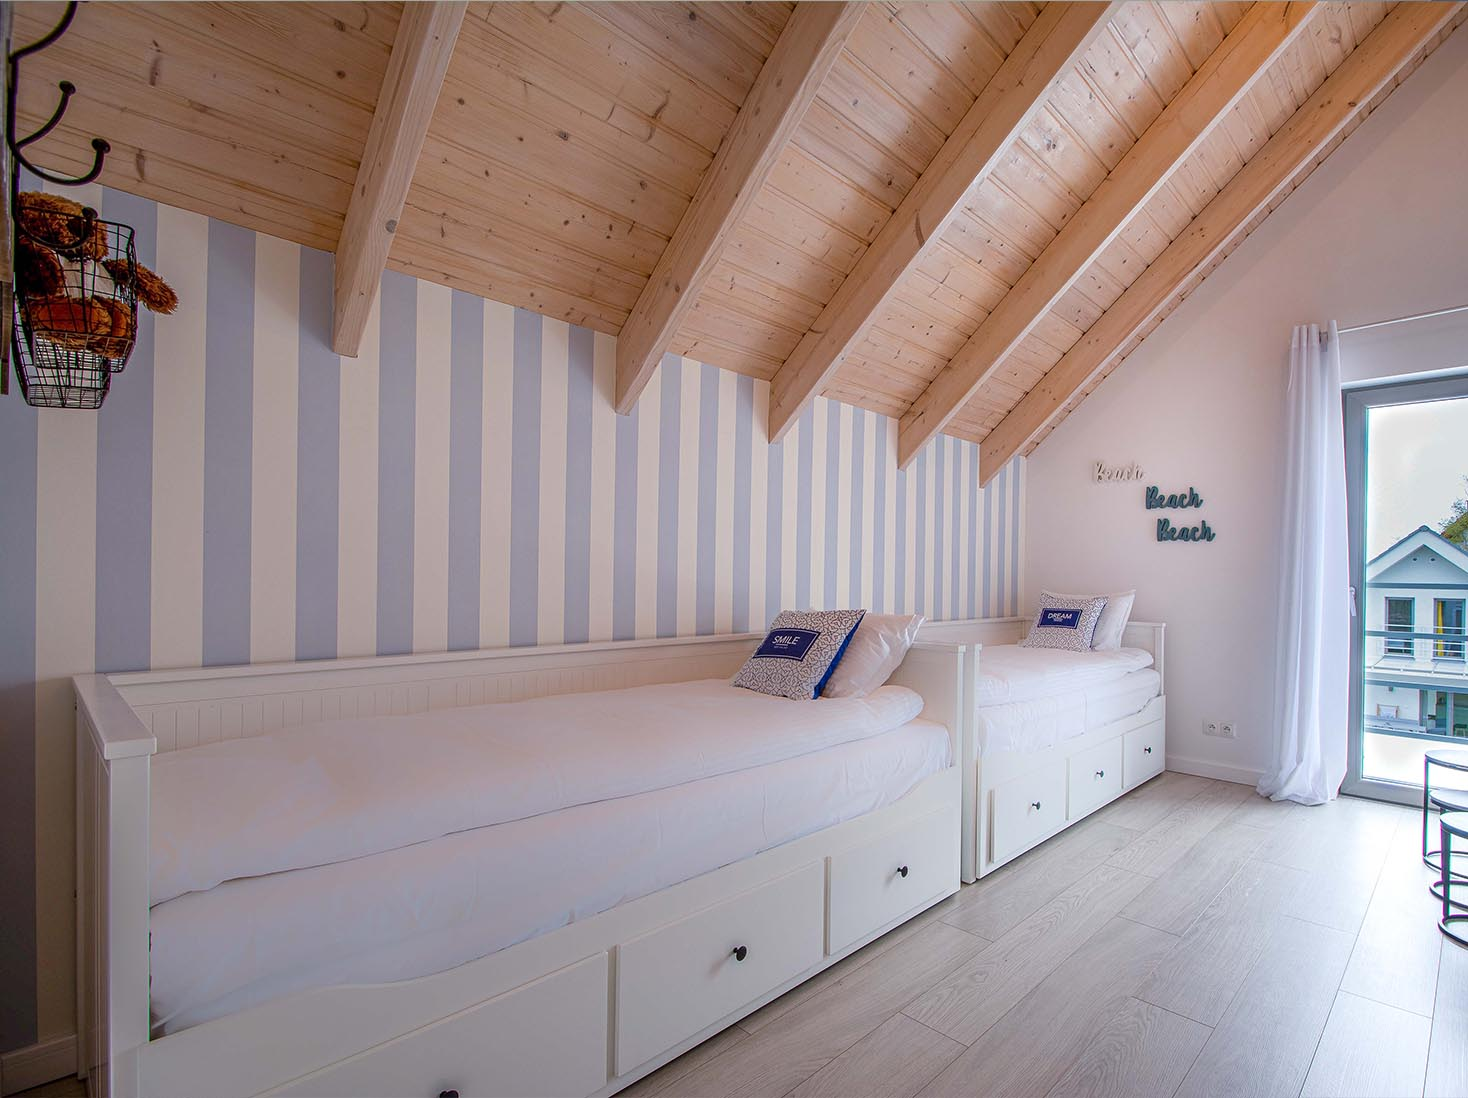 07-Domek nad morzem 5 luksusowy Zatoka Mew dla max 8 osob dwie sypialnia dla czterech osob